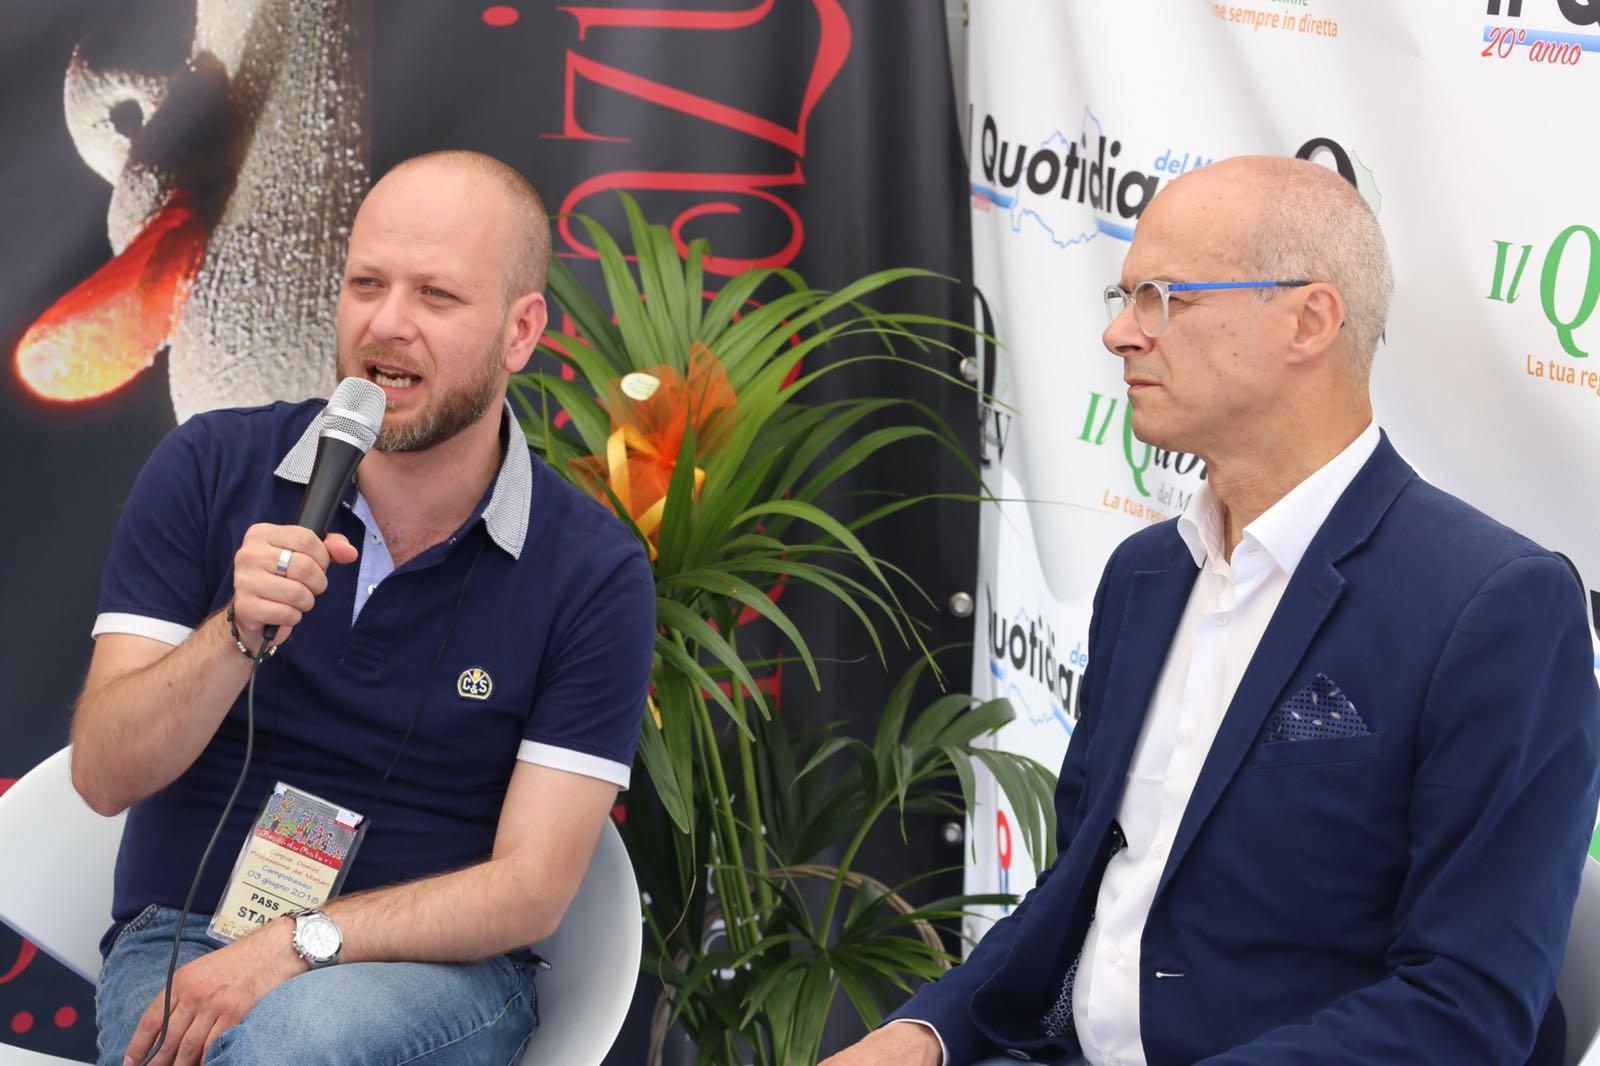 Esportare i Misteri fuori dall'Italia, ne abbiamo parlato con Toma, Battista e Colagiovanni (VIDEO INTERVISTE)